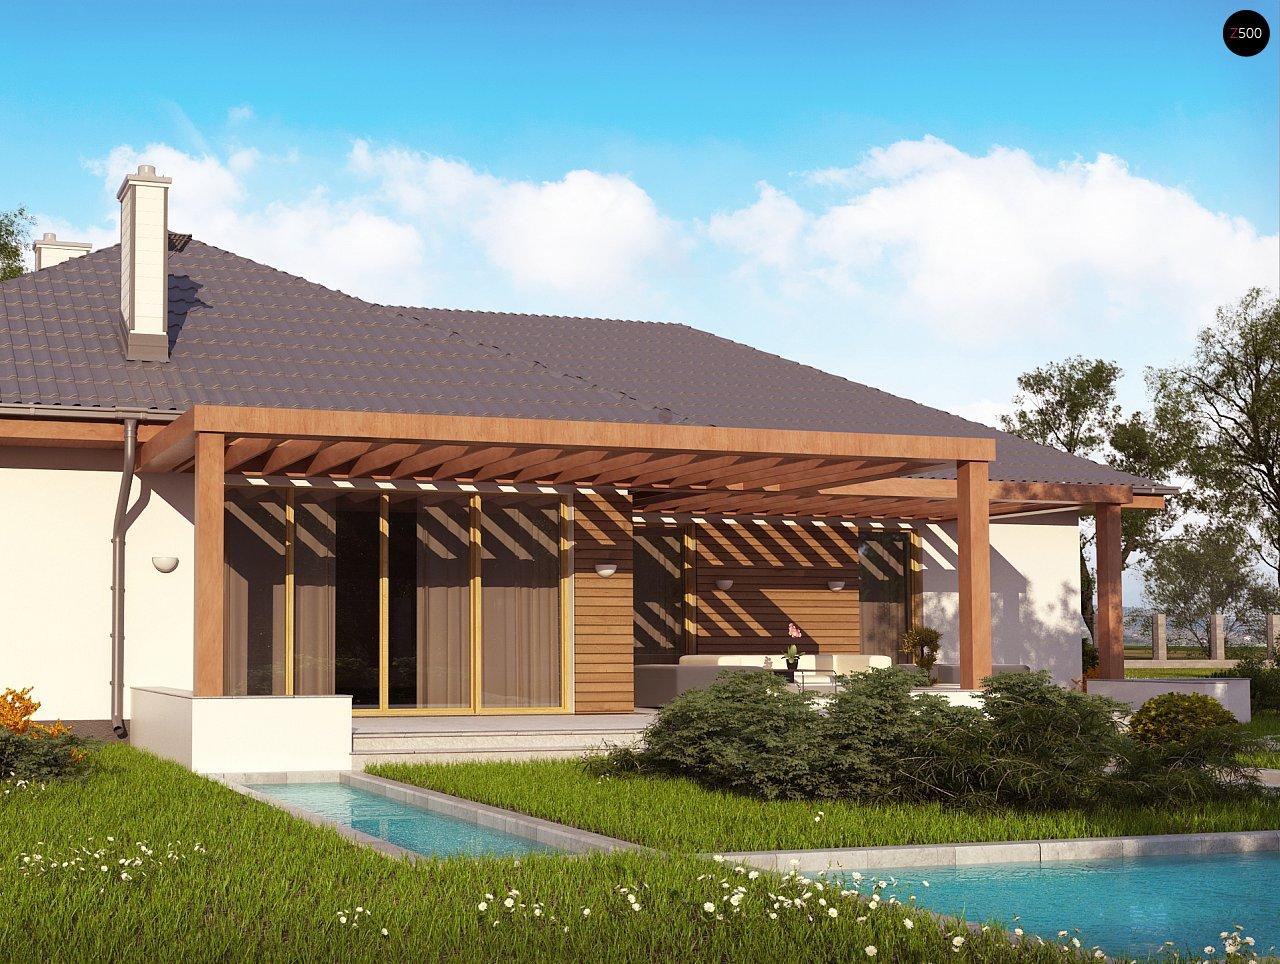 Проект комфортного одноэтажного дома с фронтальным гаражом для двух машин. 6